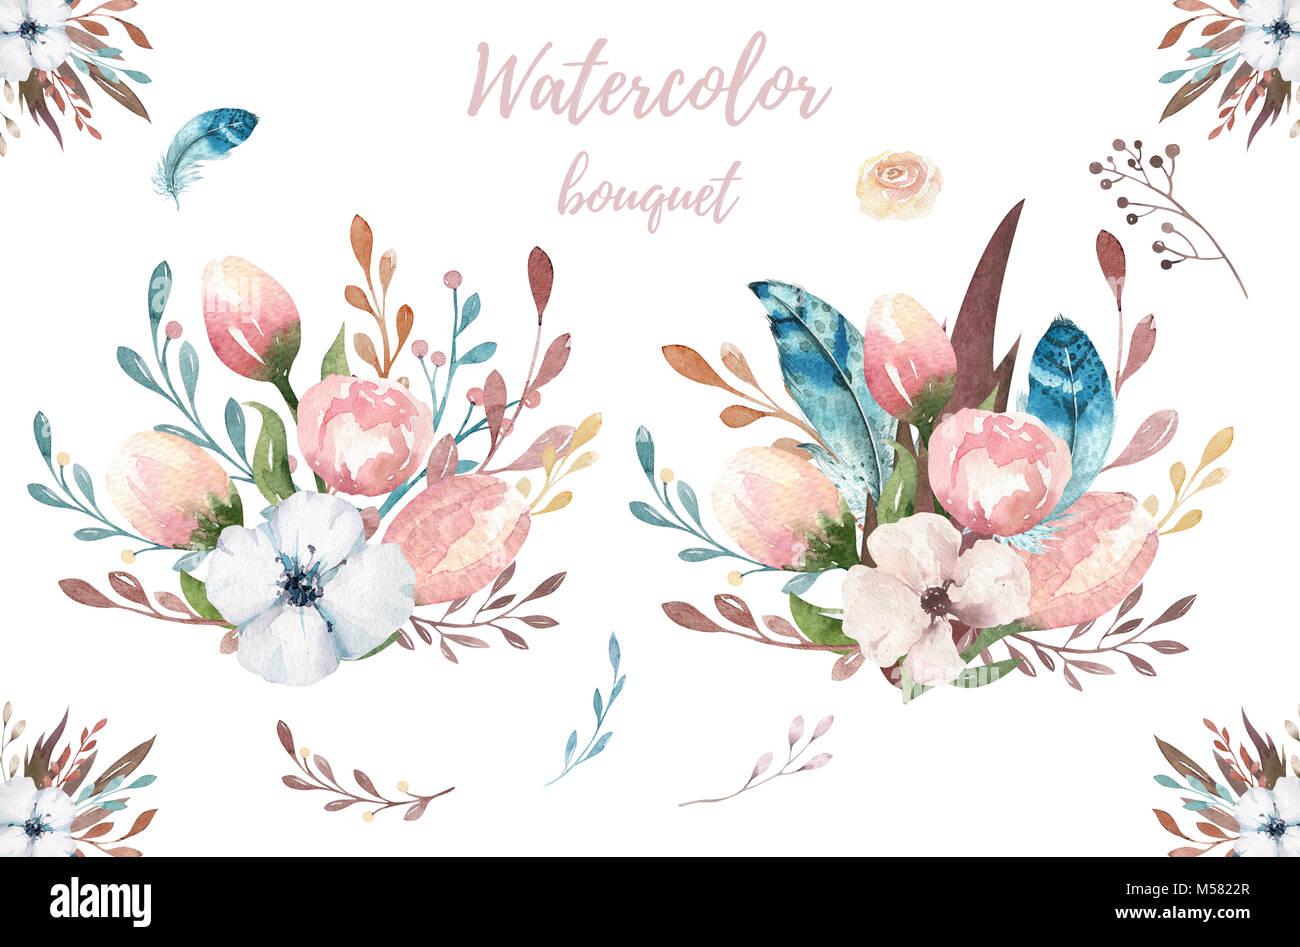 Aquarell Boho Blumen Abbildung Bohmische Blumenstrausse Kranze